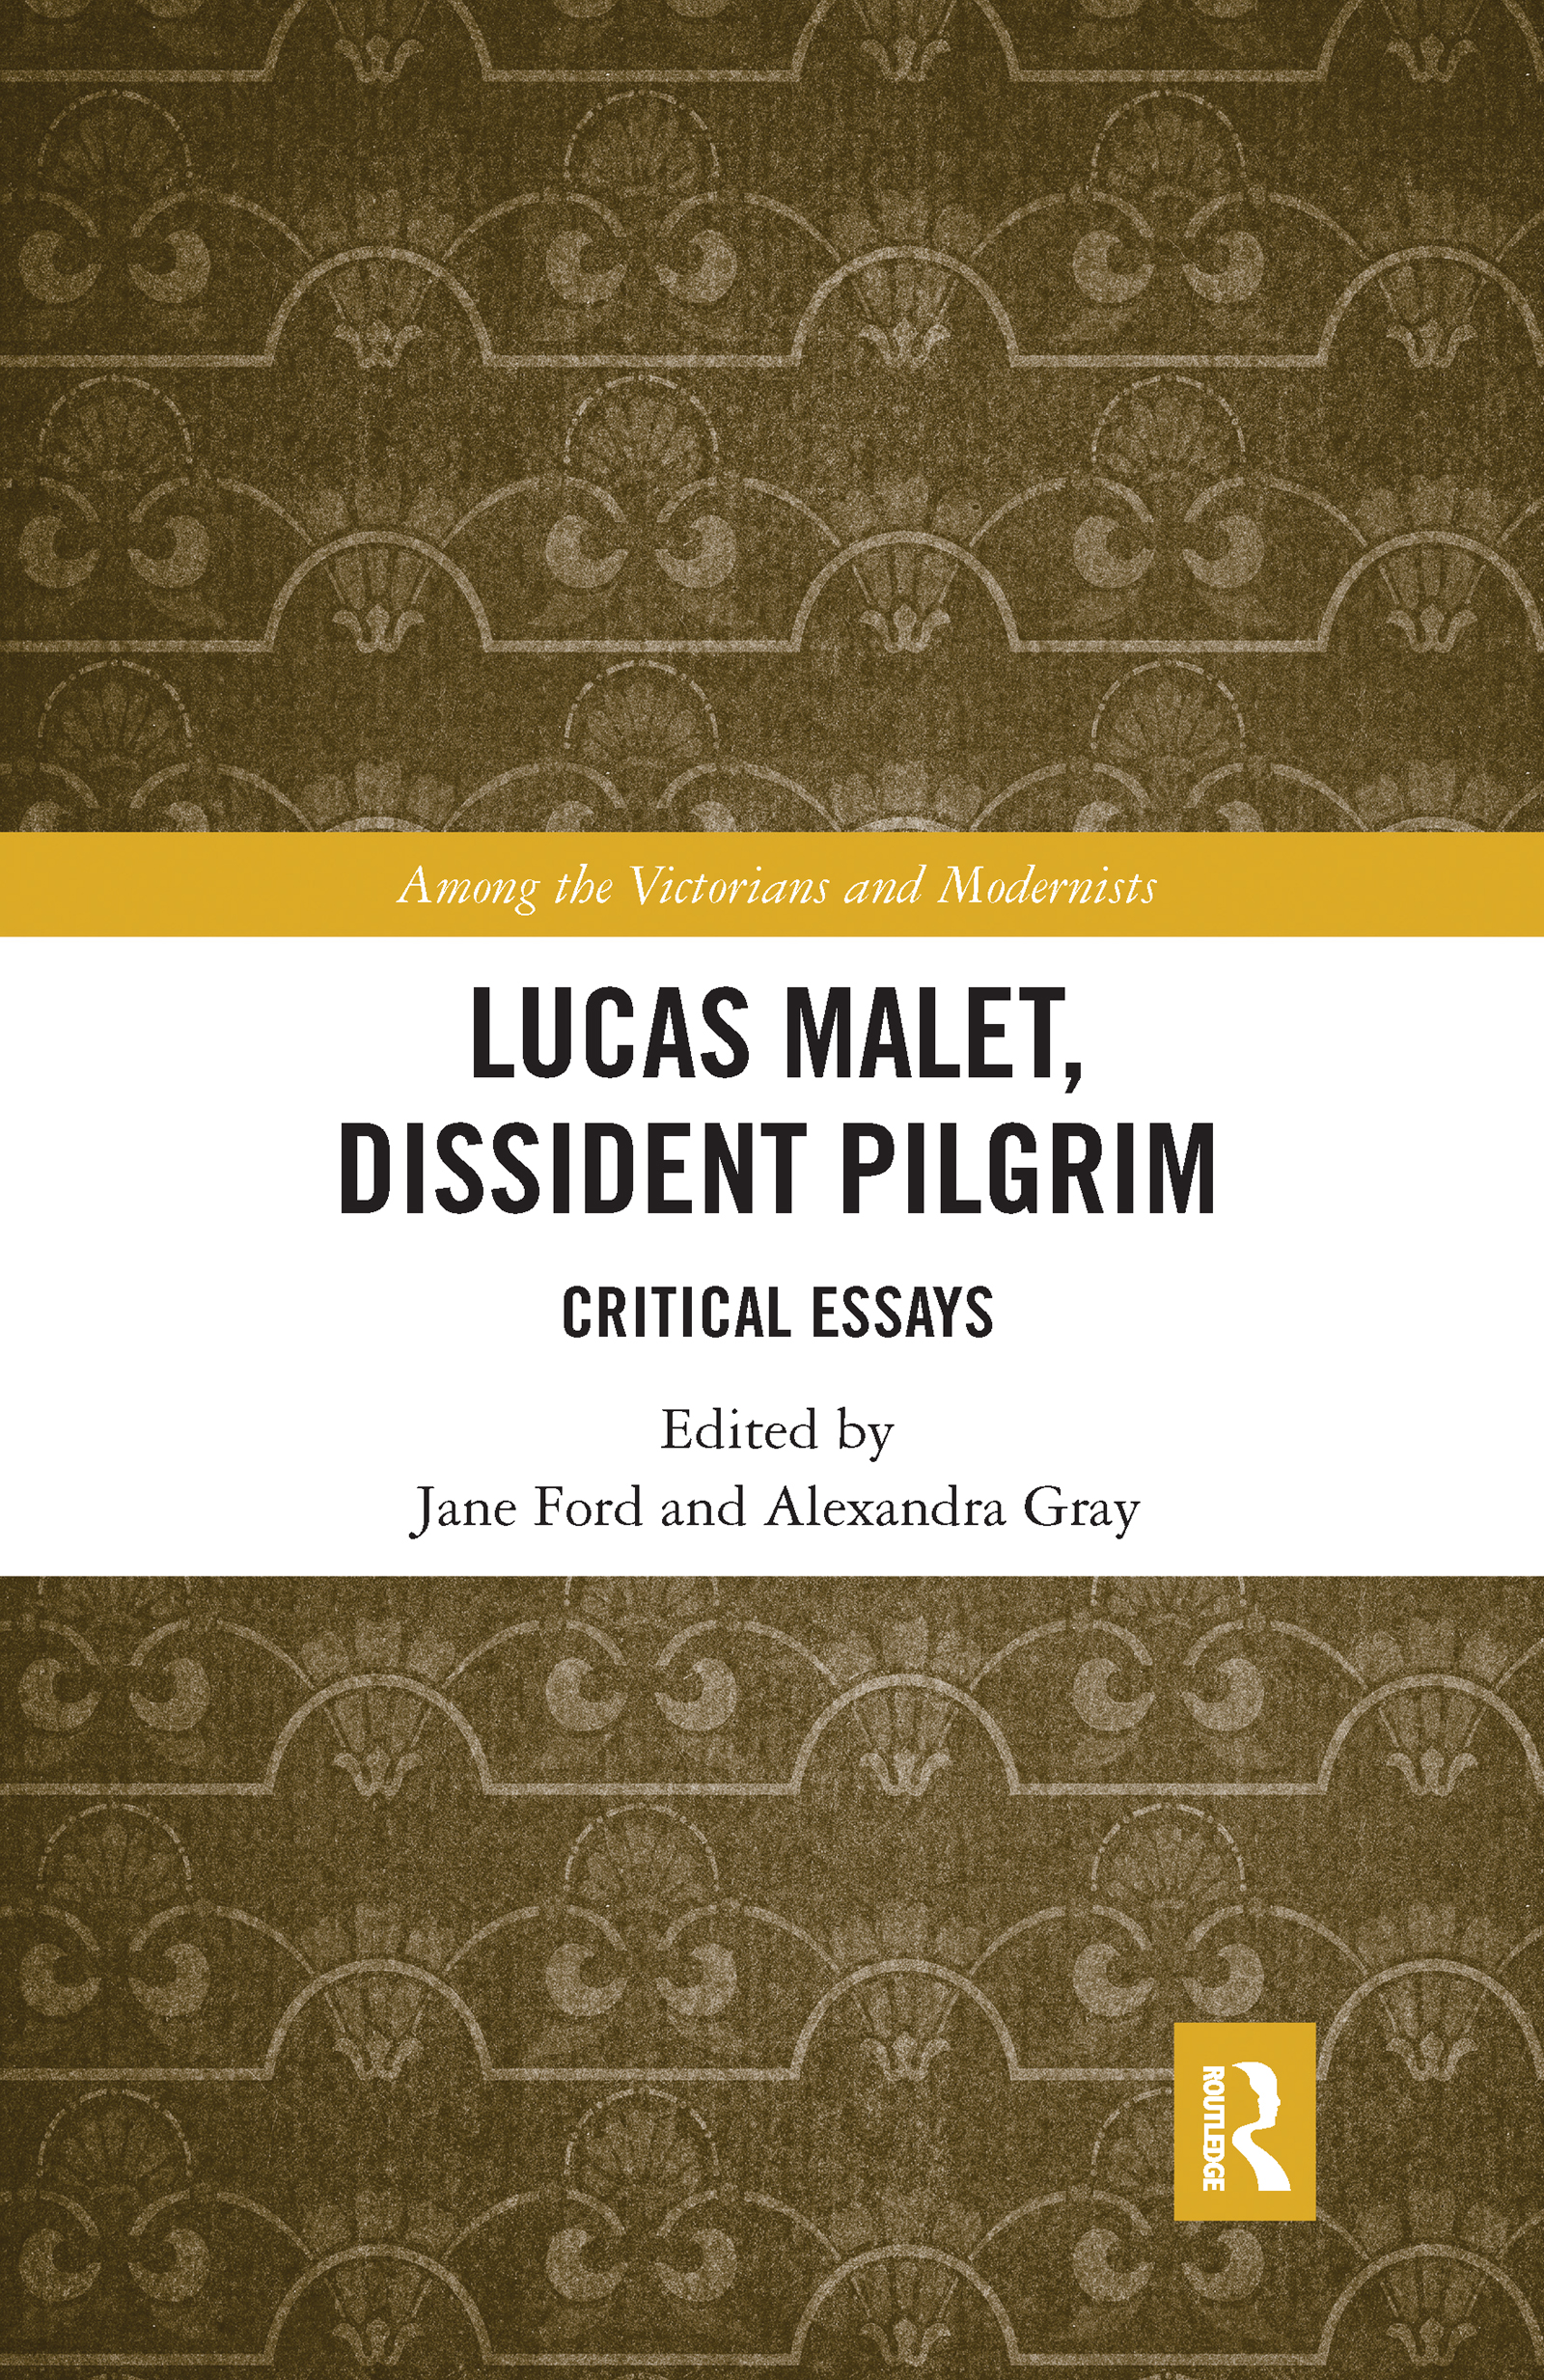 Lucas Malet, Dissident Pilgrim